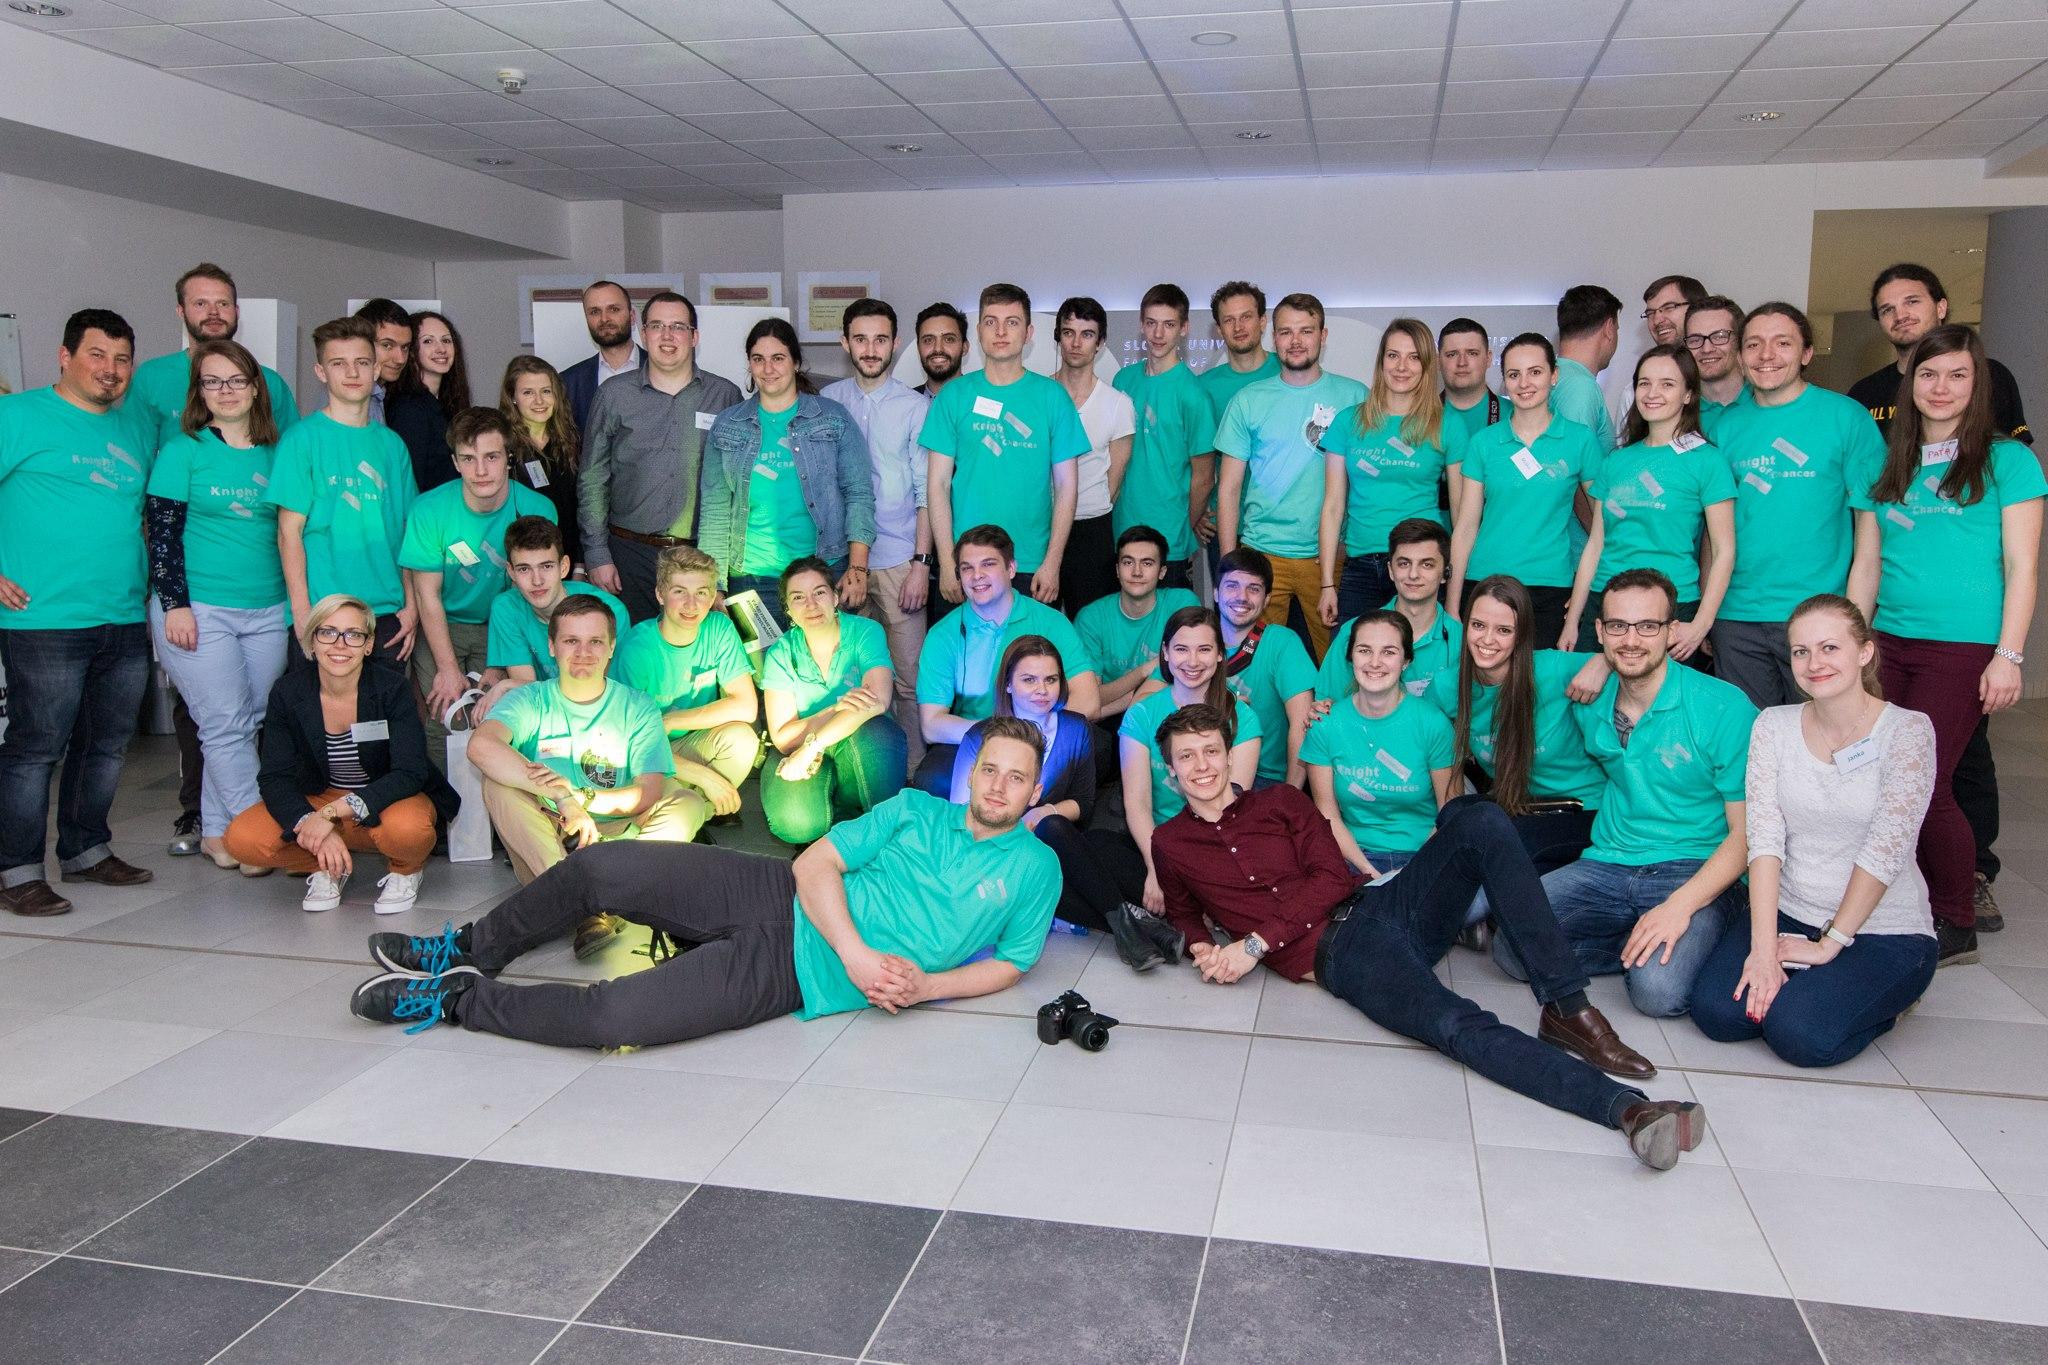 Martin (vpravo úplne dole) a časť Nexterie, organizačného tímu a dobrovoľníkov, ktorí organizovali Night of Chances Technology 2017 v Bratislave